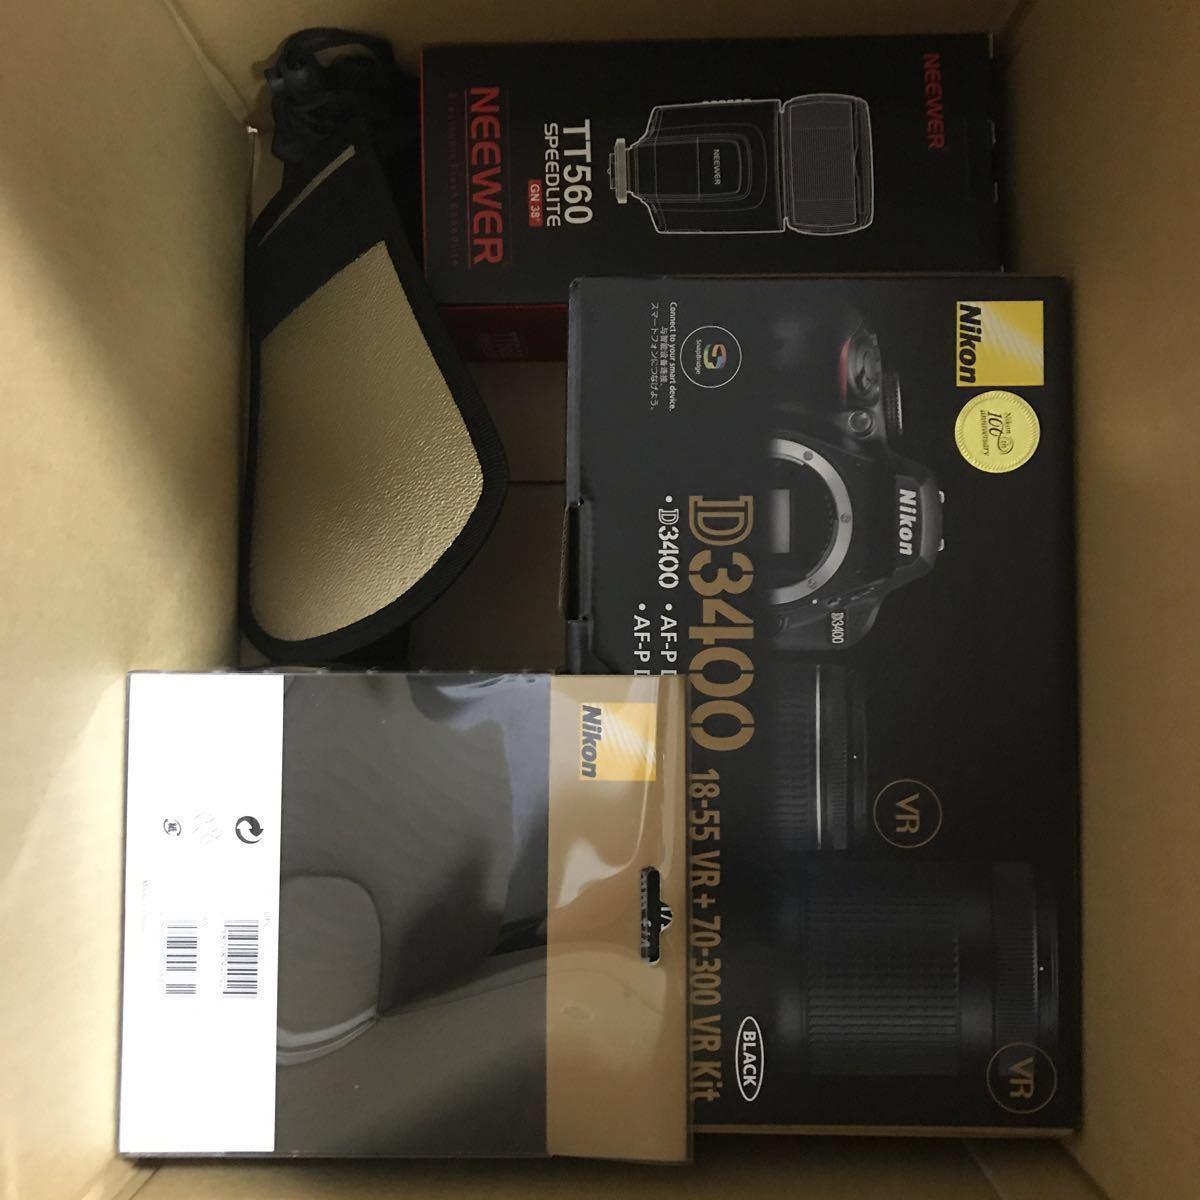 【中古】ニコン NIKON D3400 デジタル一眼レフカメラ ボディ APSーC オマケ ケース ライト_画像3